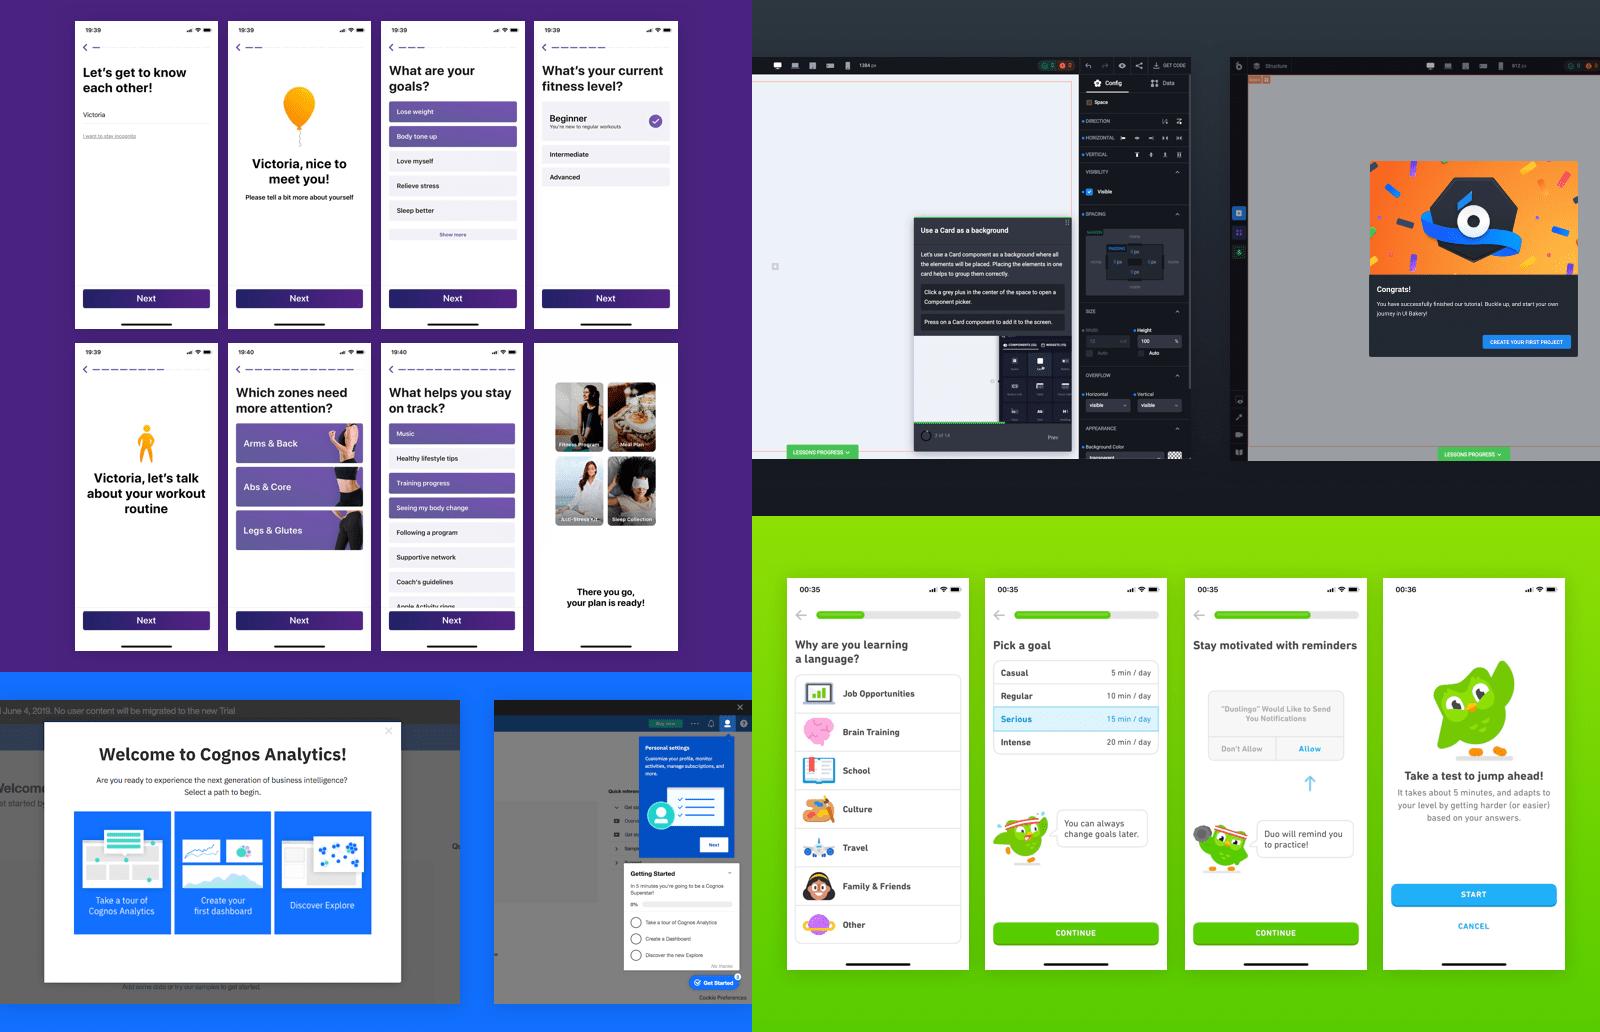 Onboarding tutorials among UX/UI design trends in 2020